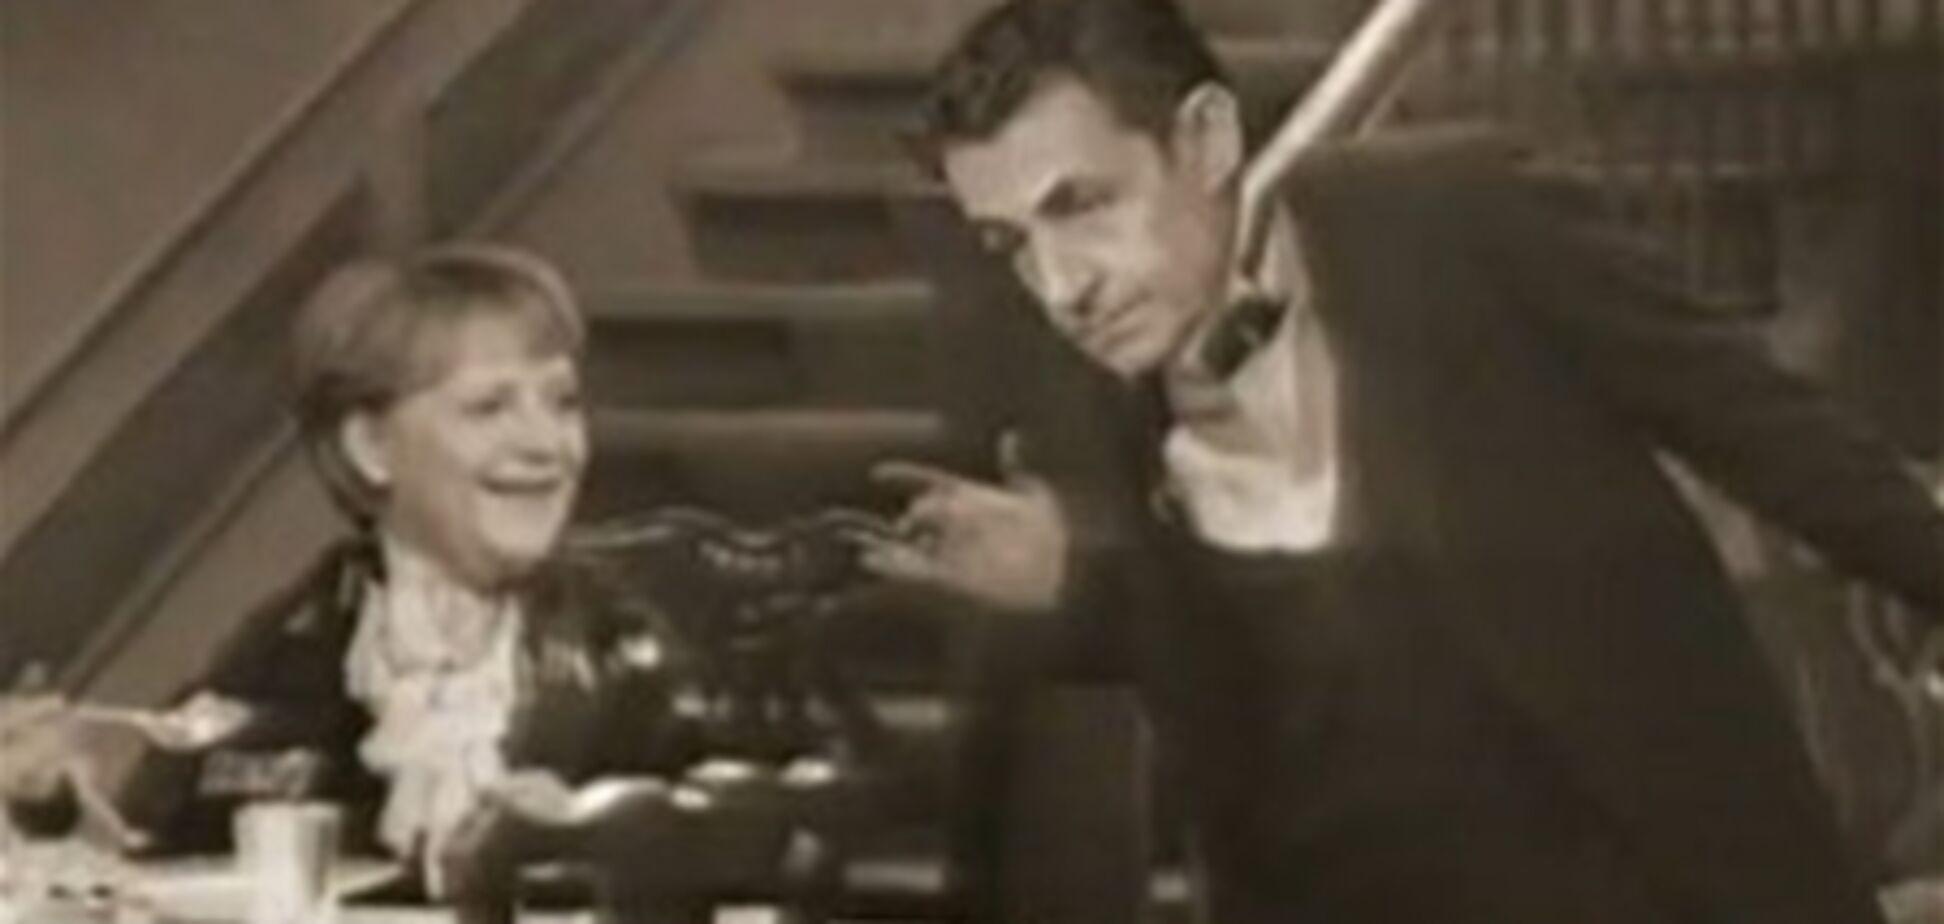 Комедійний ролик з Саркозі і Меркель став хітом YouTube. Відео